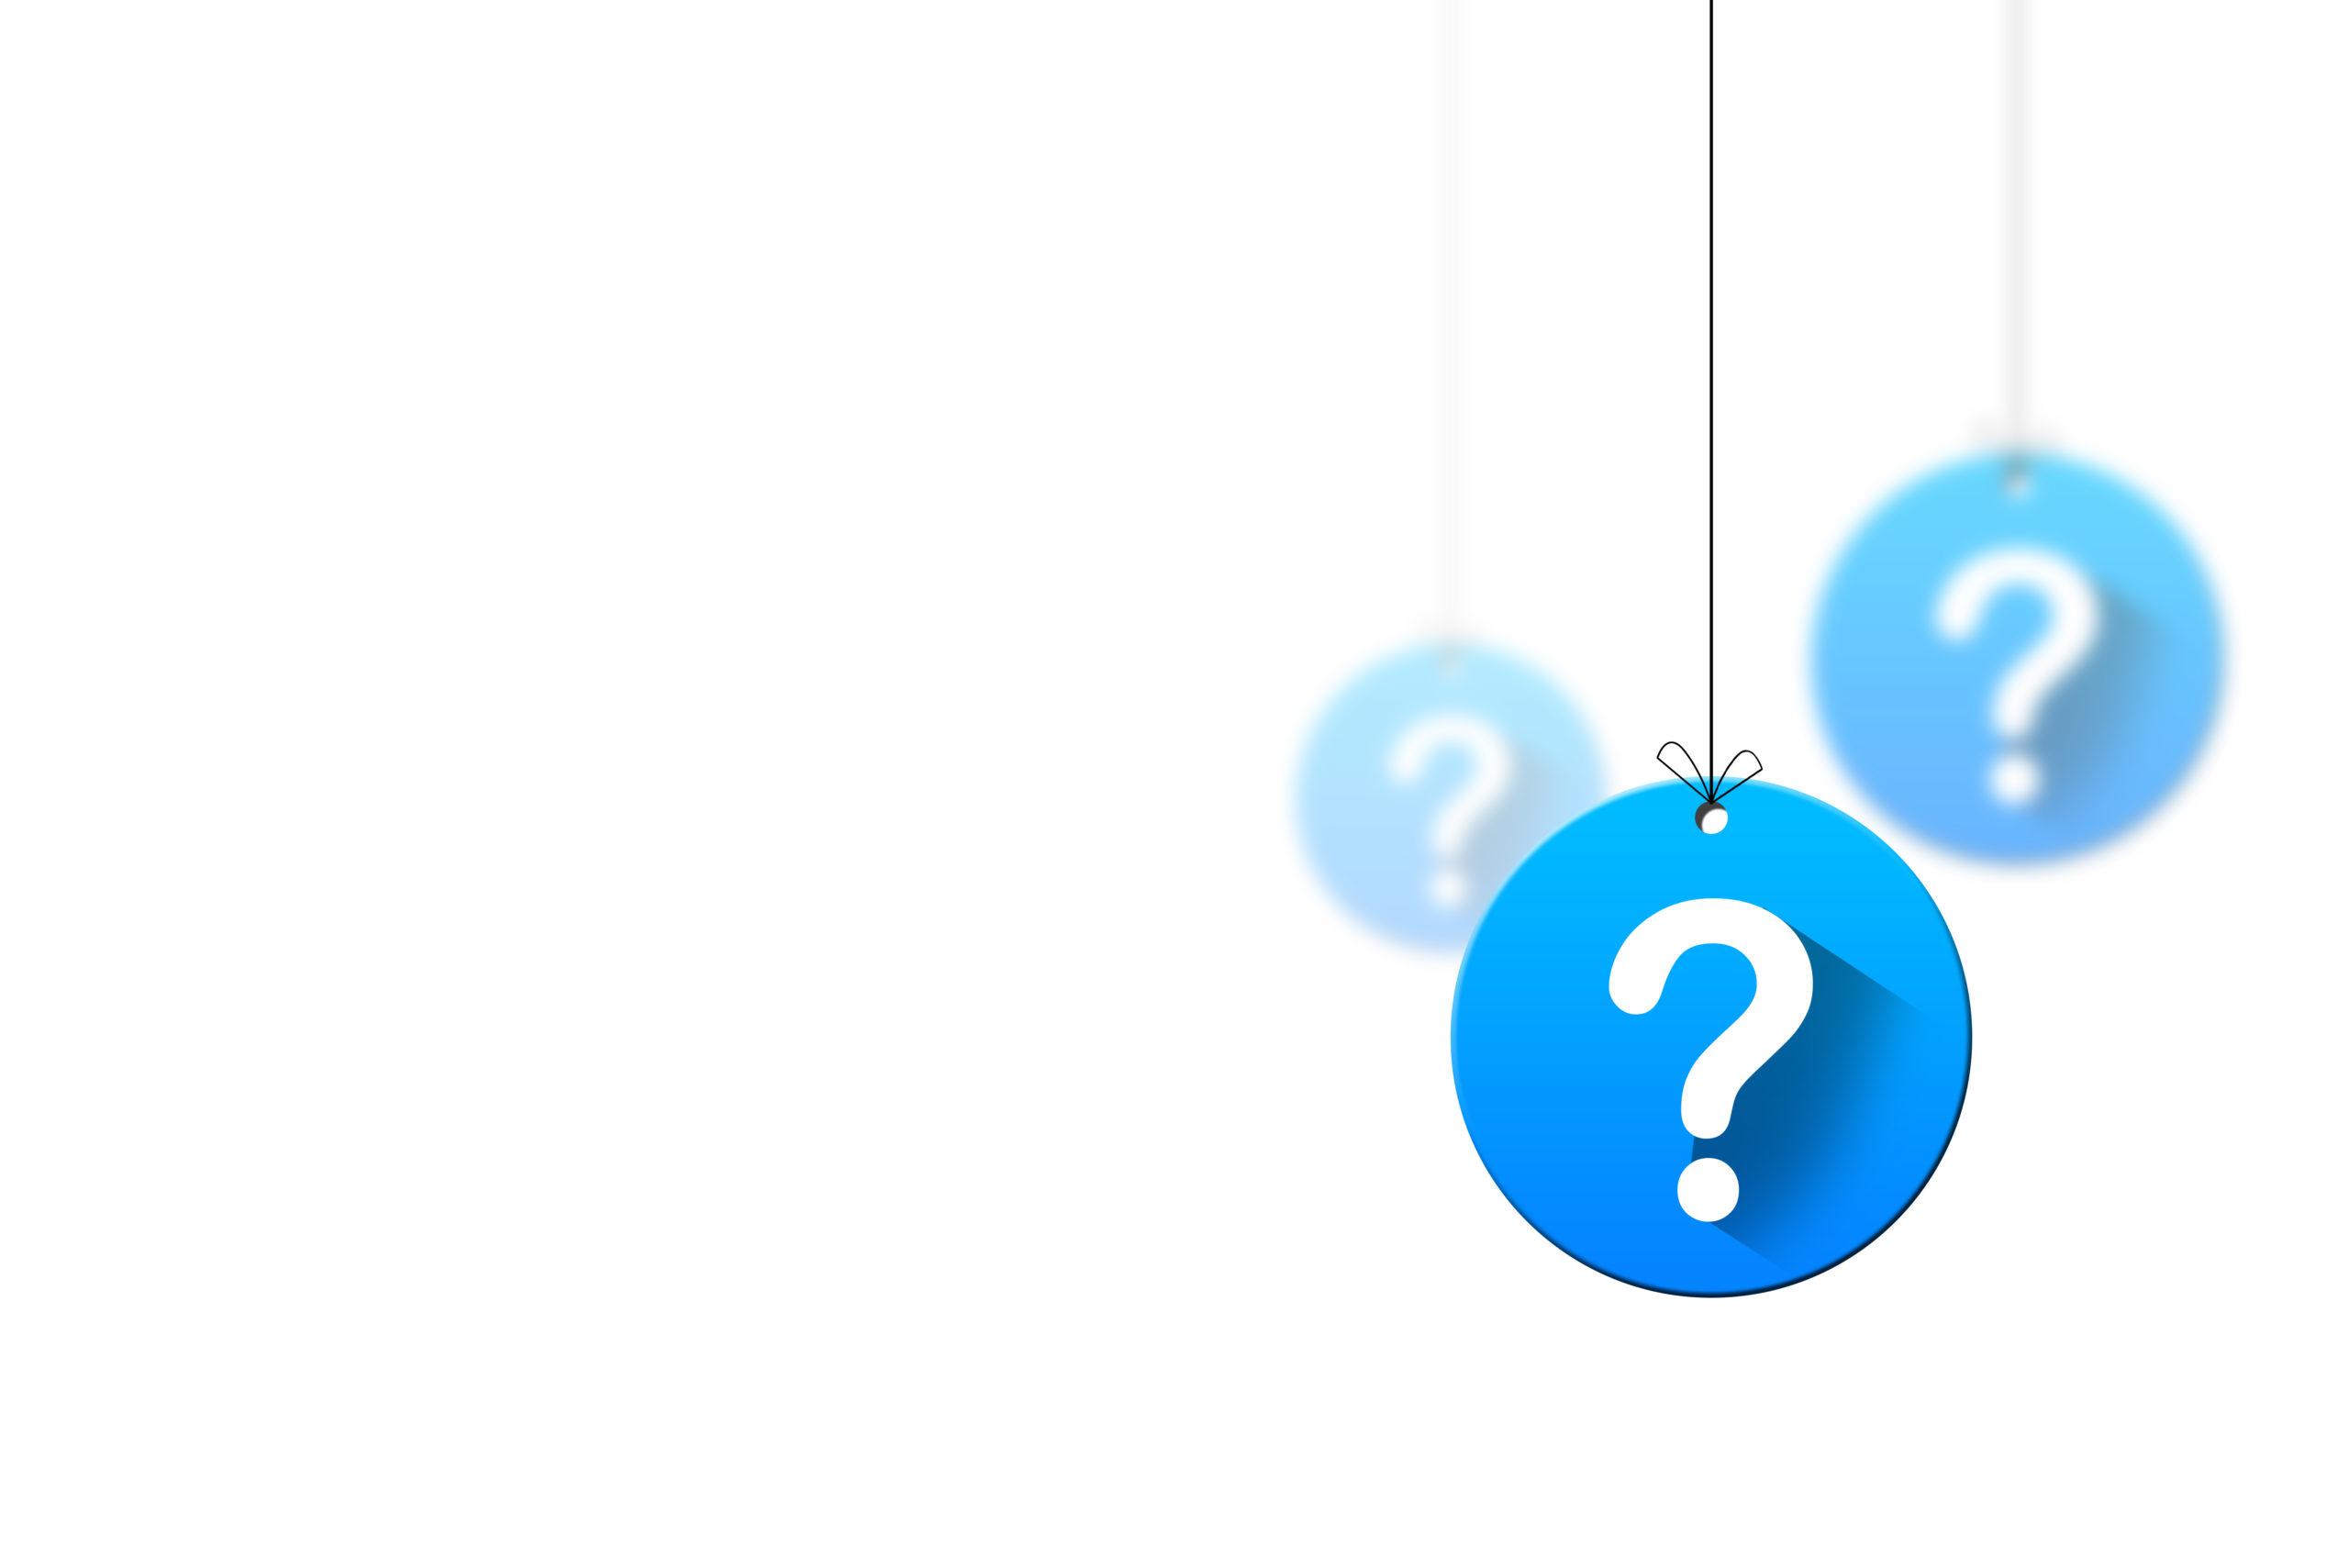 見込み客の4タイプと「いますぐ客」に商品を買ってもらうための秘訣